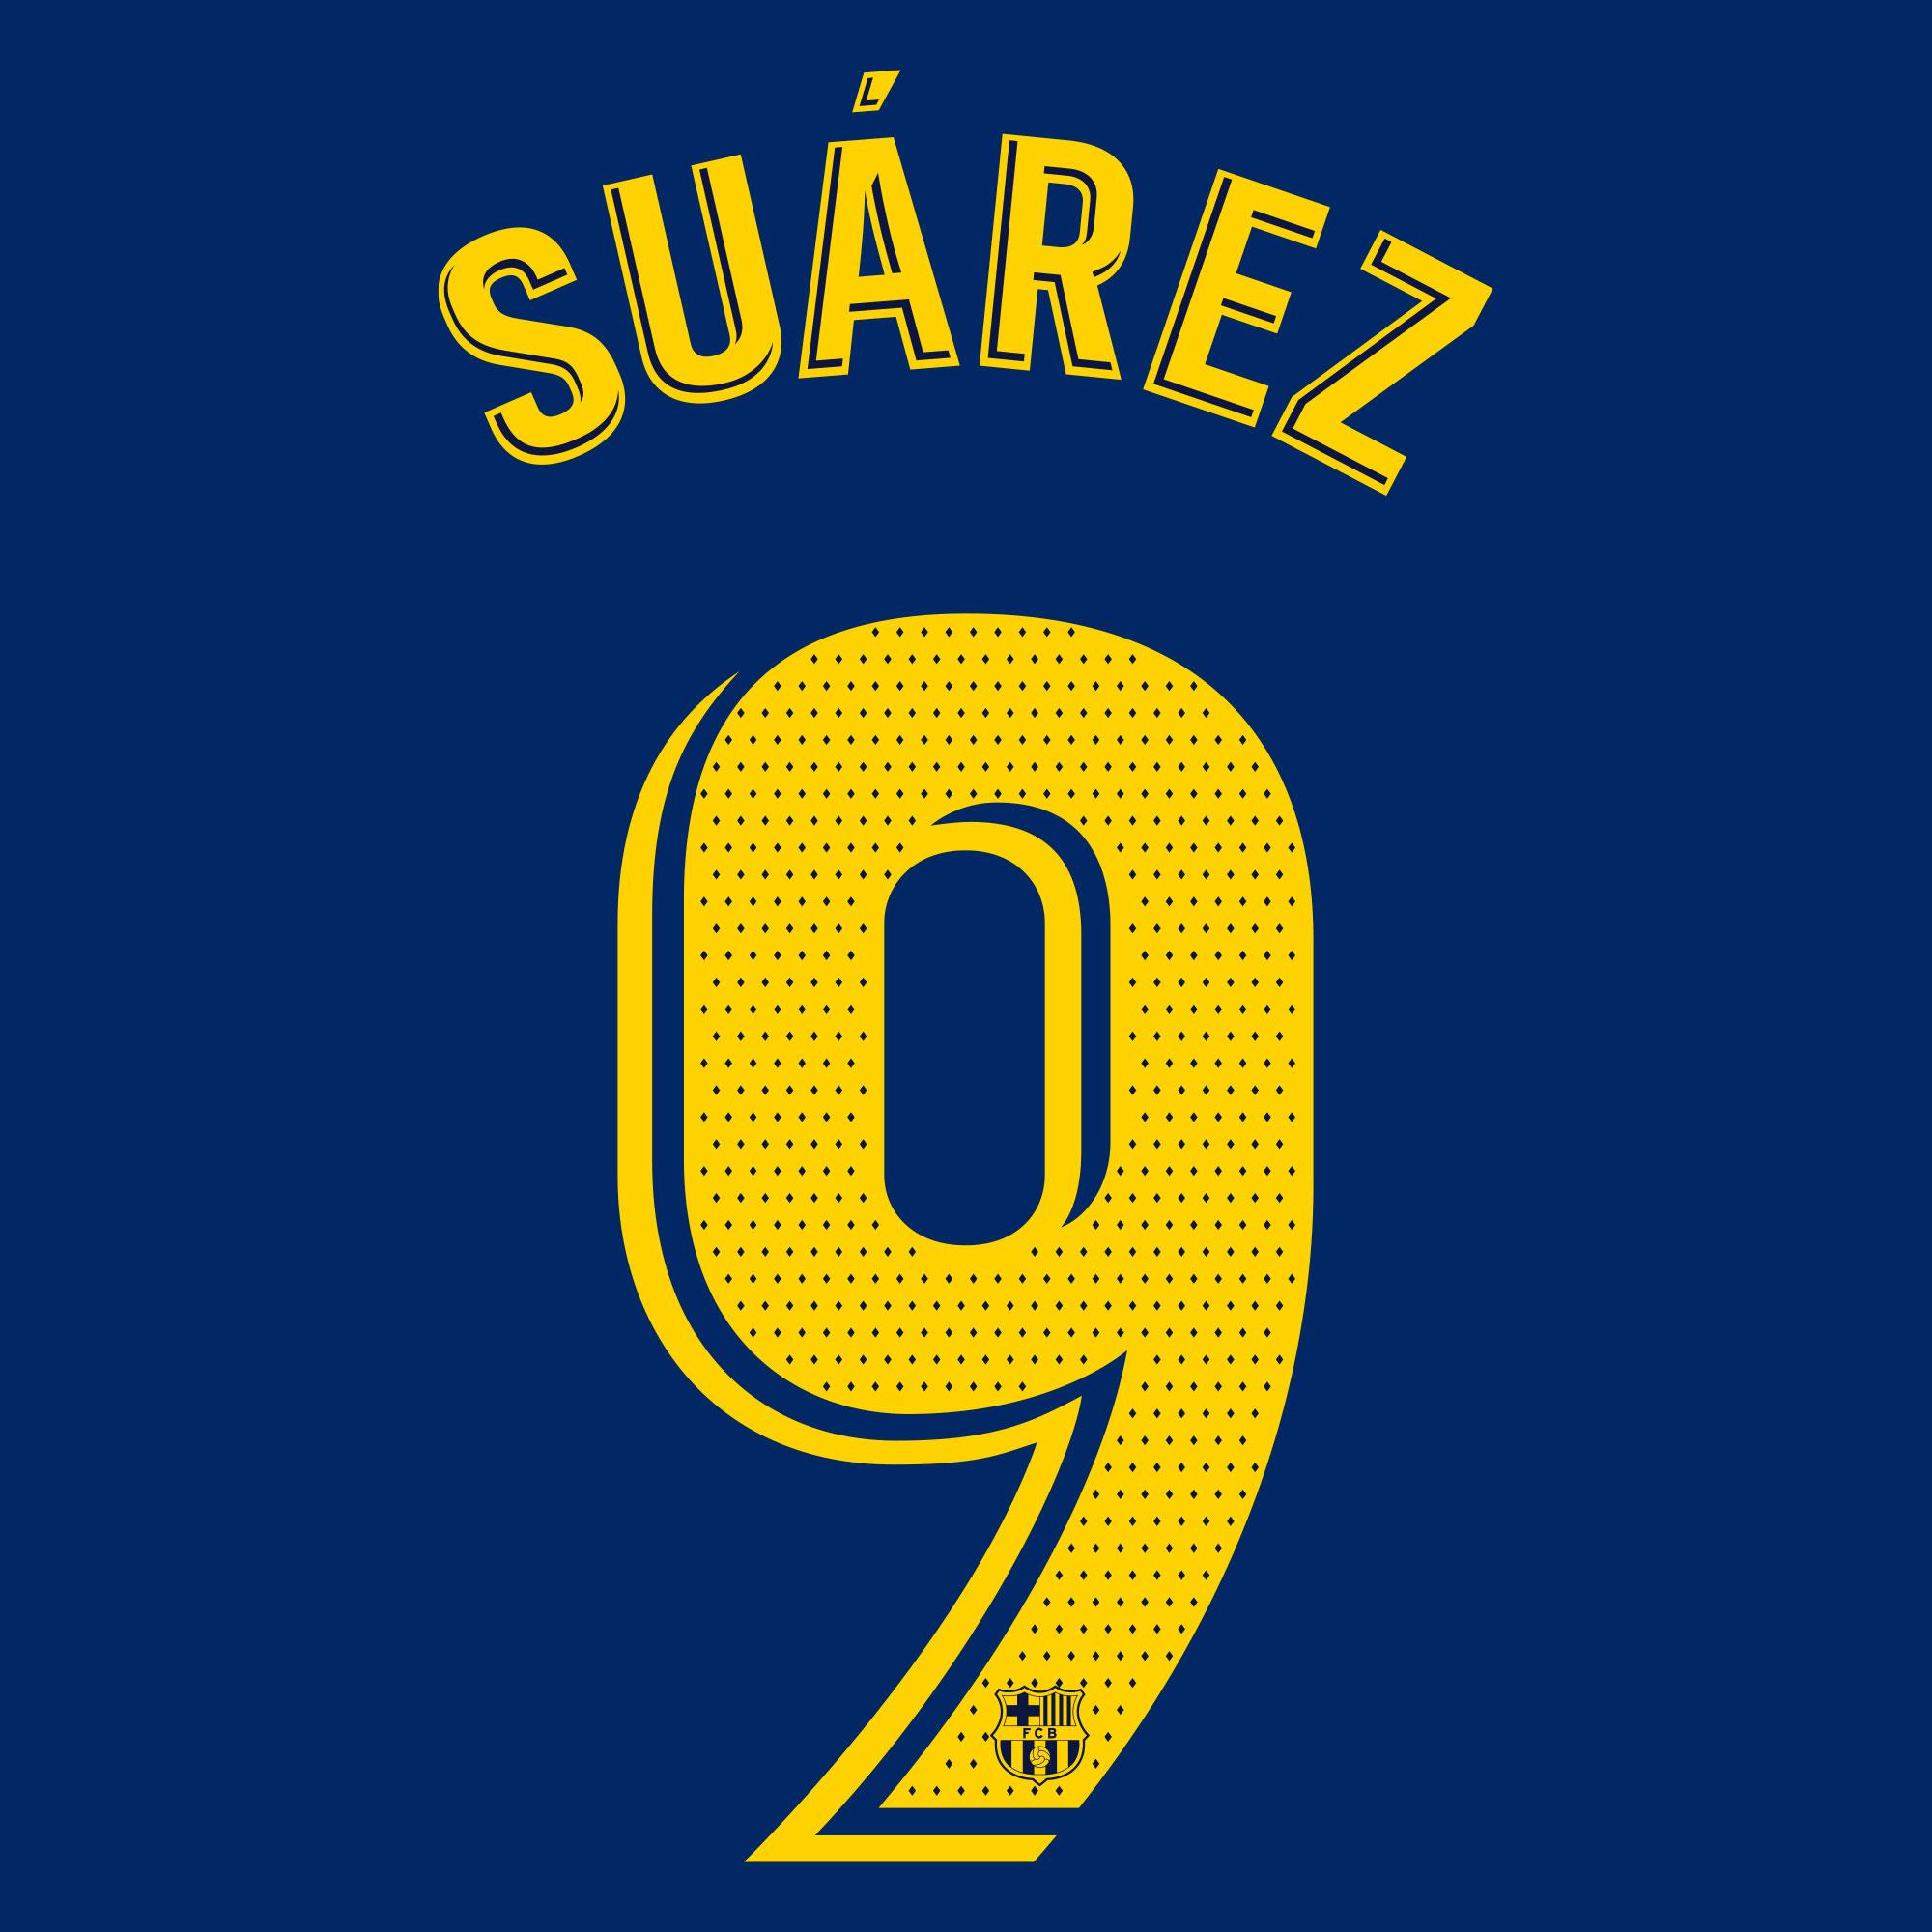 Suarez 9 (Officiële Bedrukking)